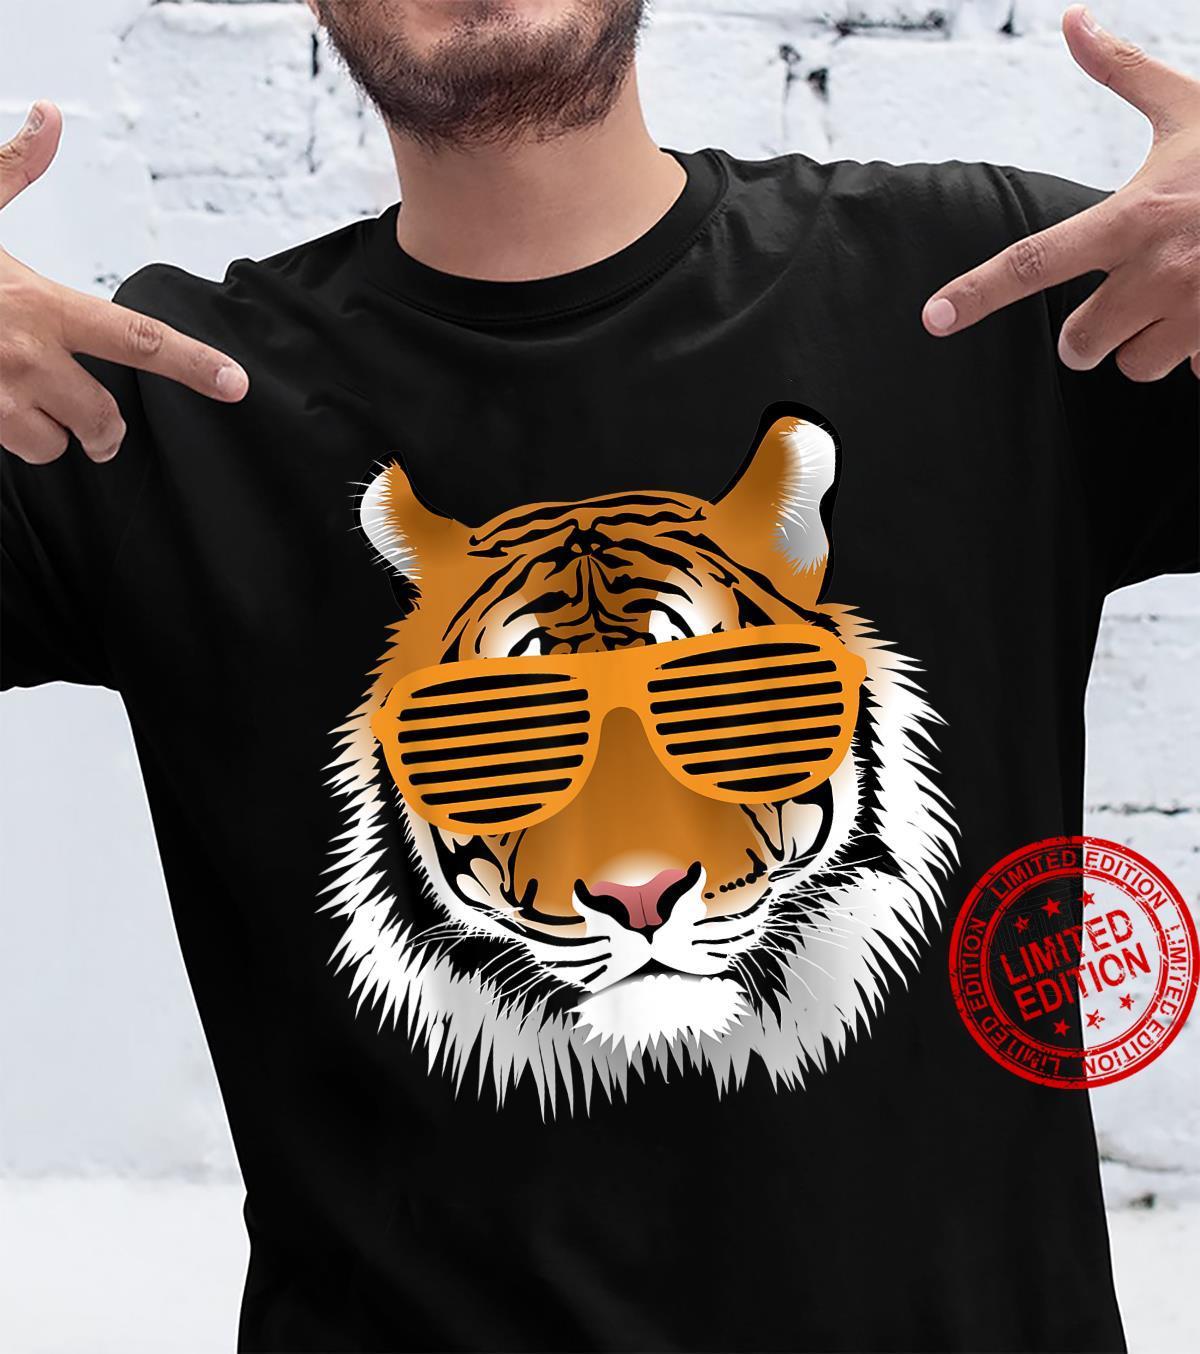 Geburtstag Shirt für Jungen Cool Tiger Streifen Tier Mottoparty Shirt